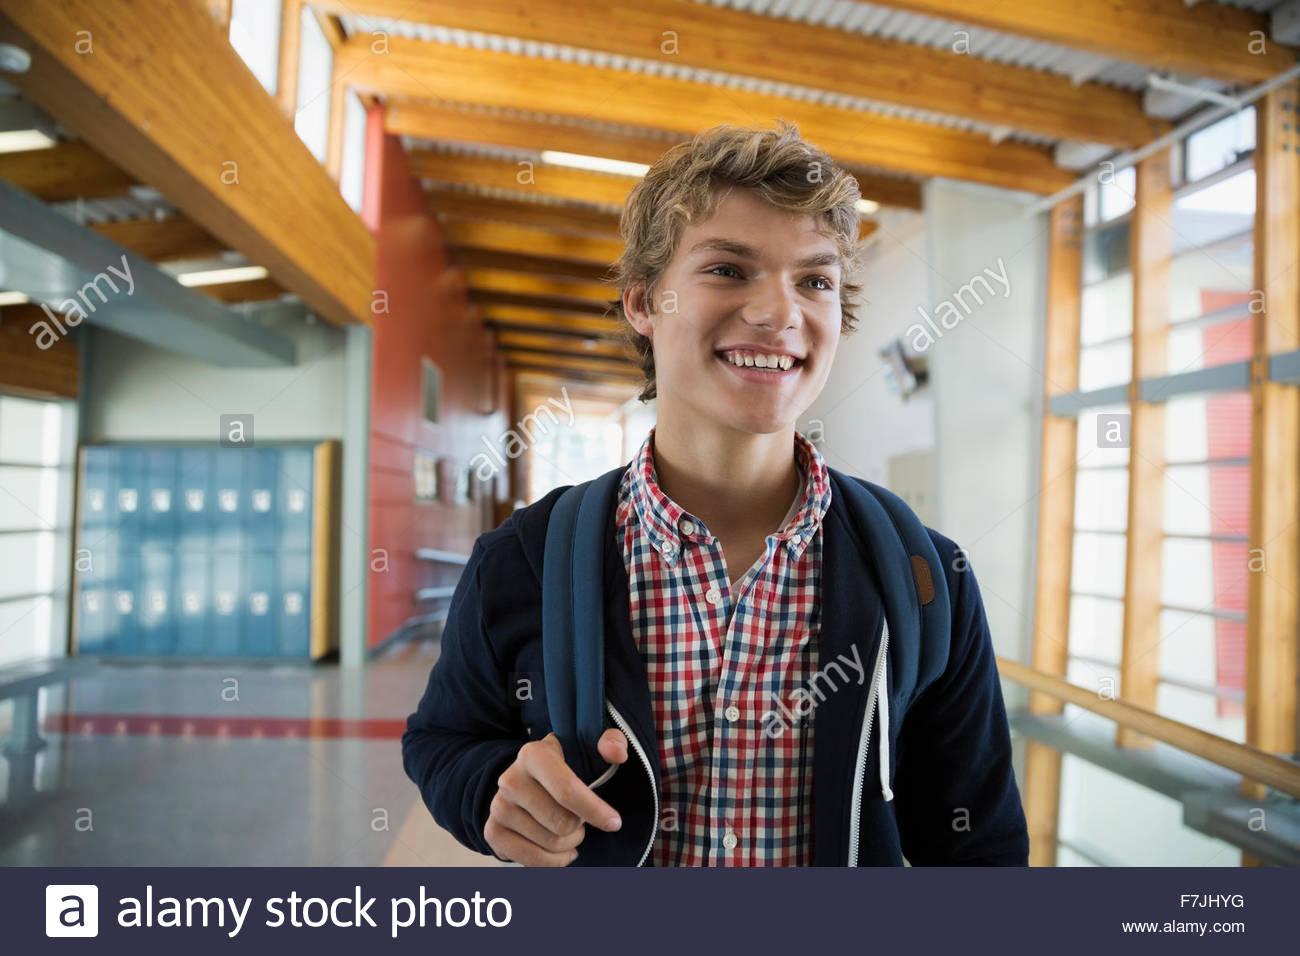 Sonriendo estudiante de la High School secundaria en el corredor Imagen De Stock